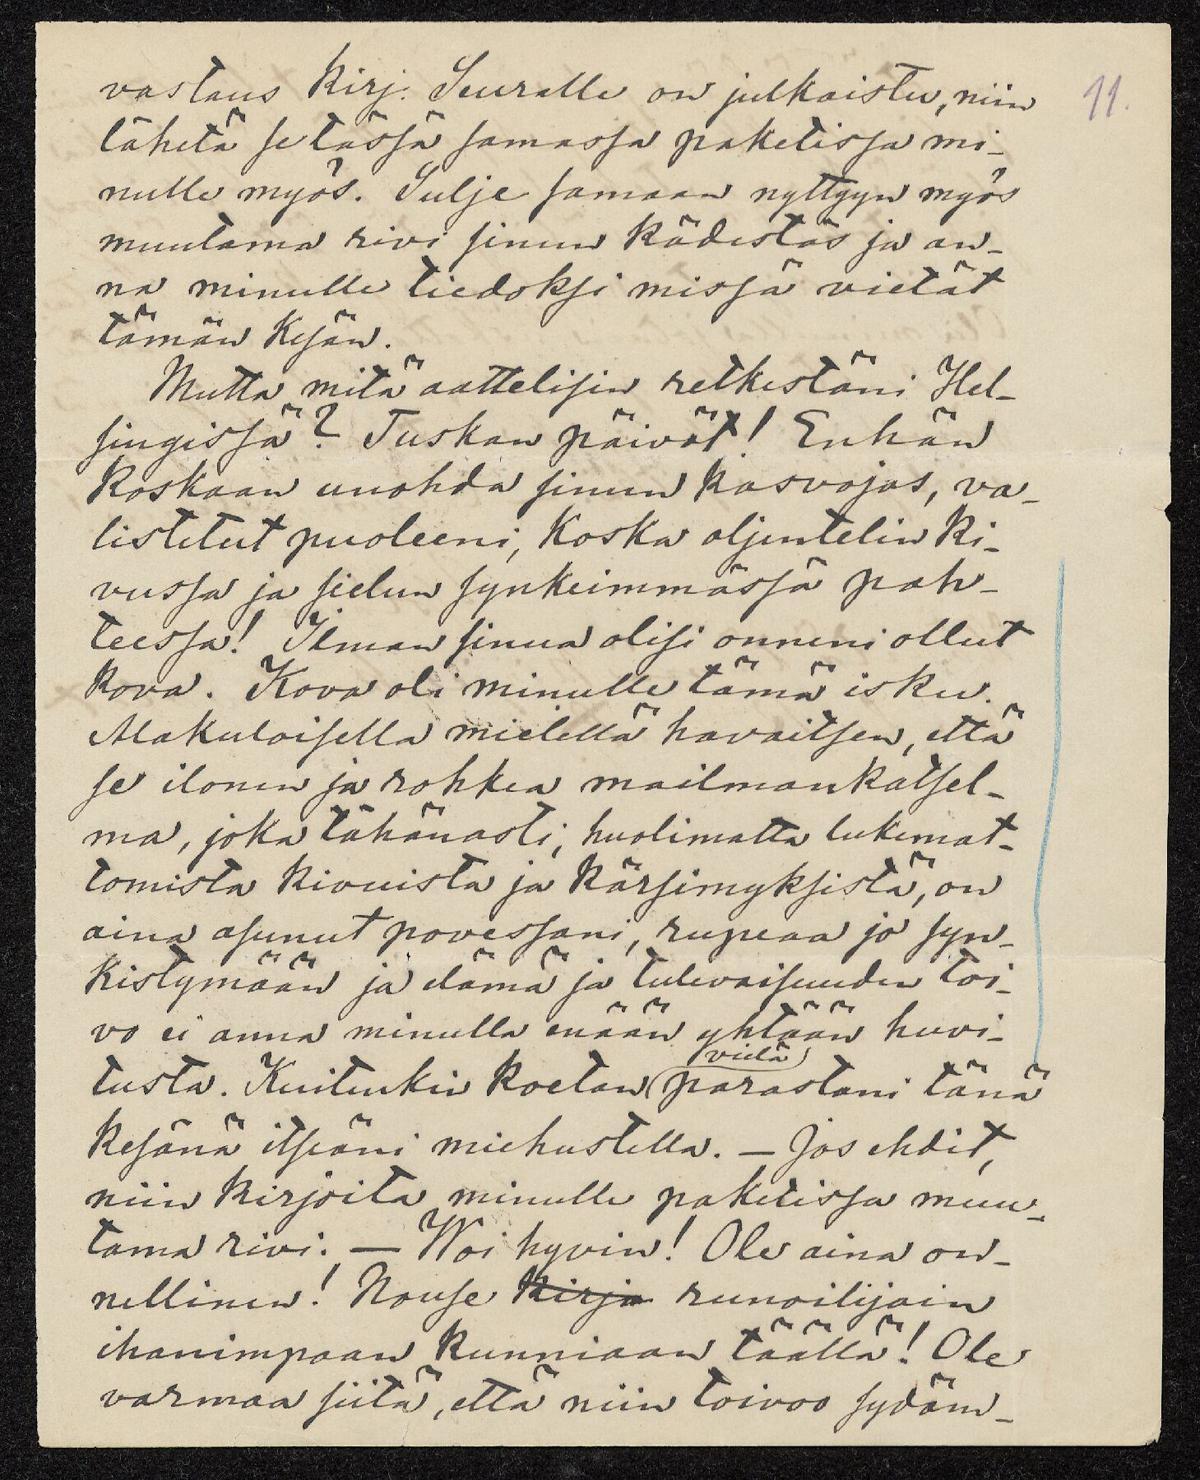 Sivu Aleksis Kiven kirjeestä ystävälleen Kaarlo Bergbomille.